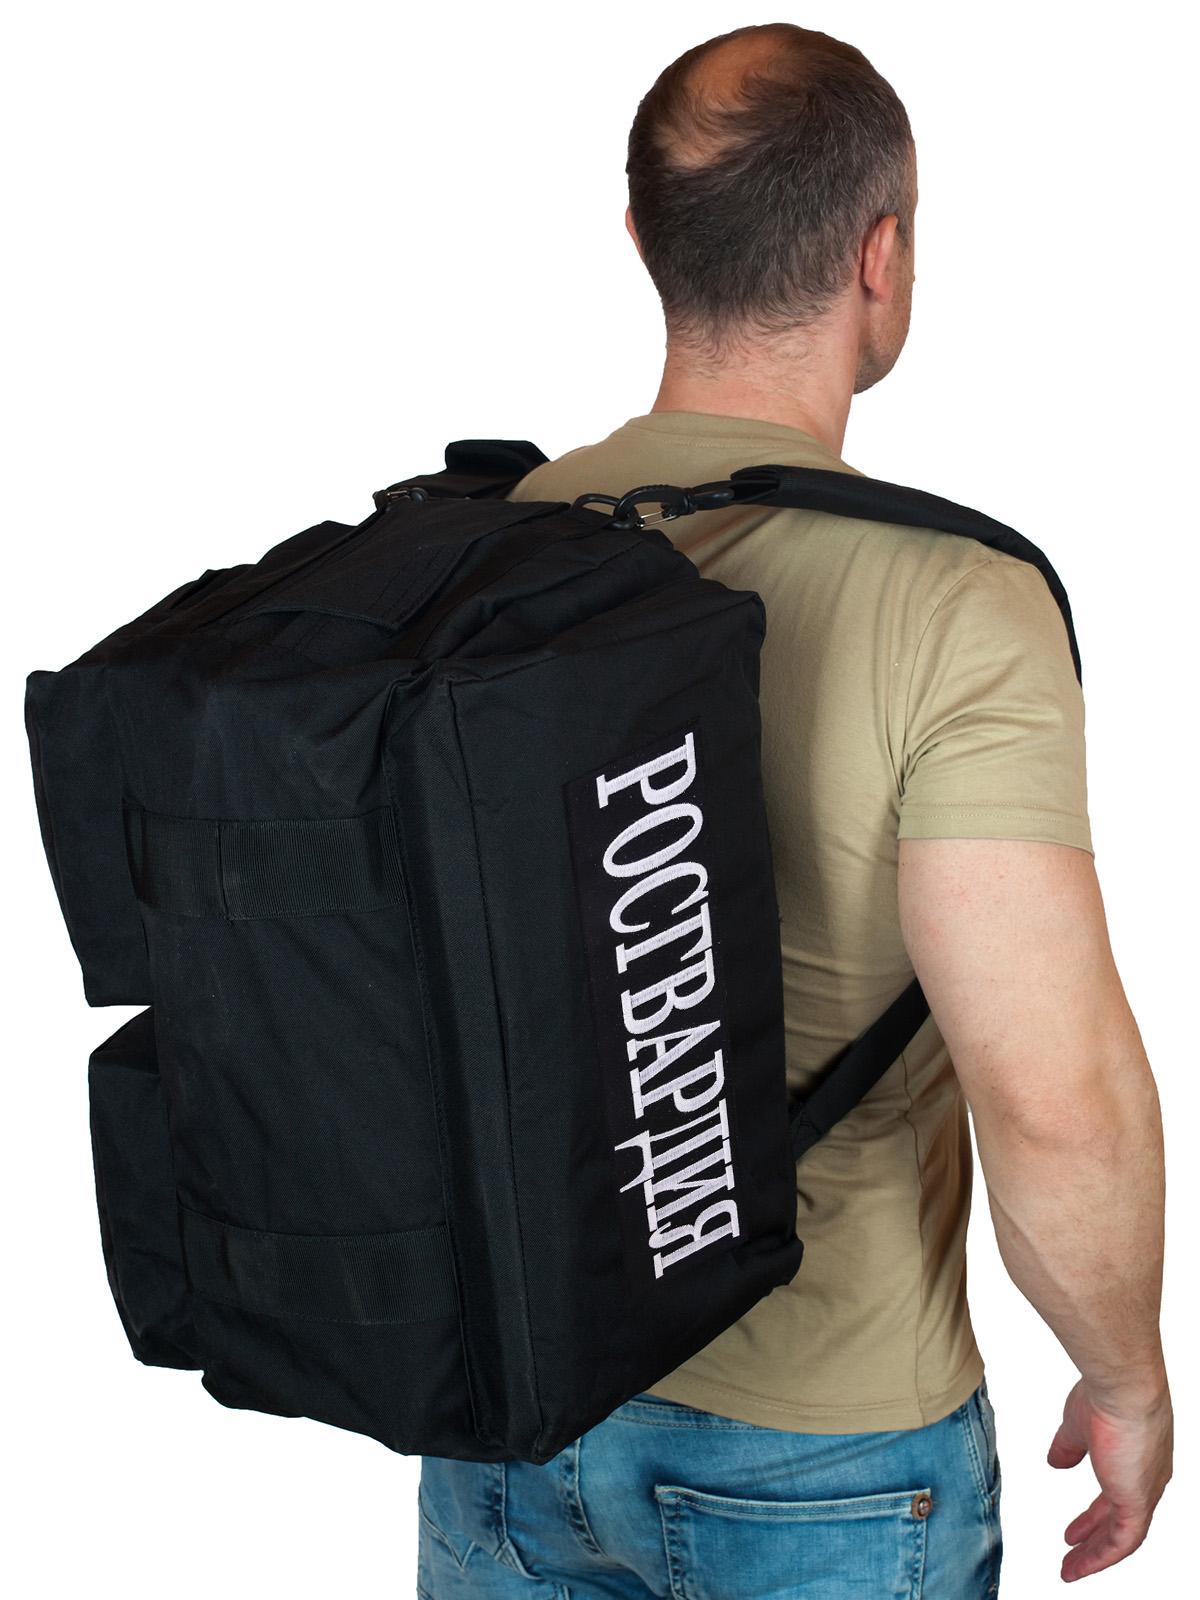 Купить военную дорожную сумку с нашивкой Росгвардия по лучшей цене